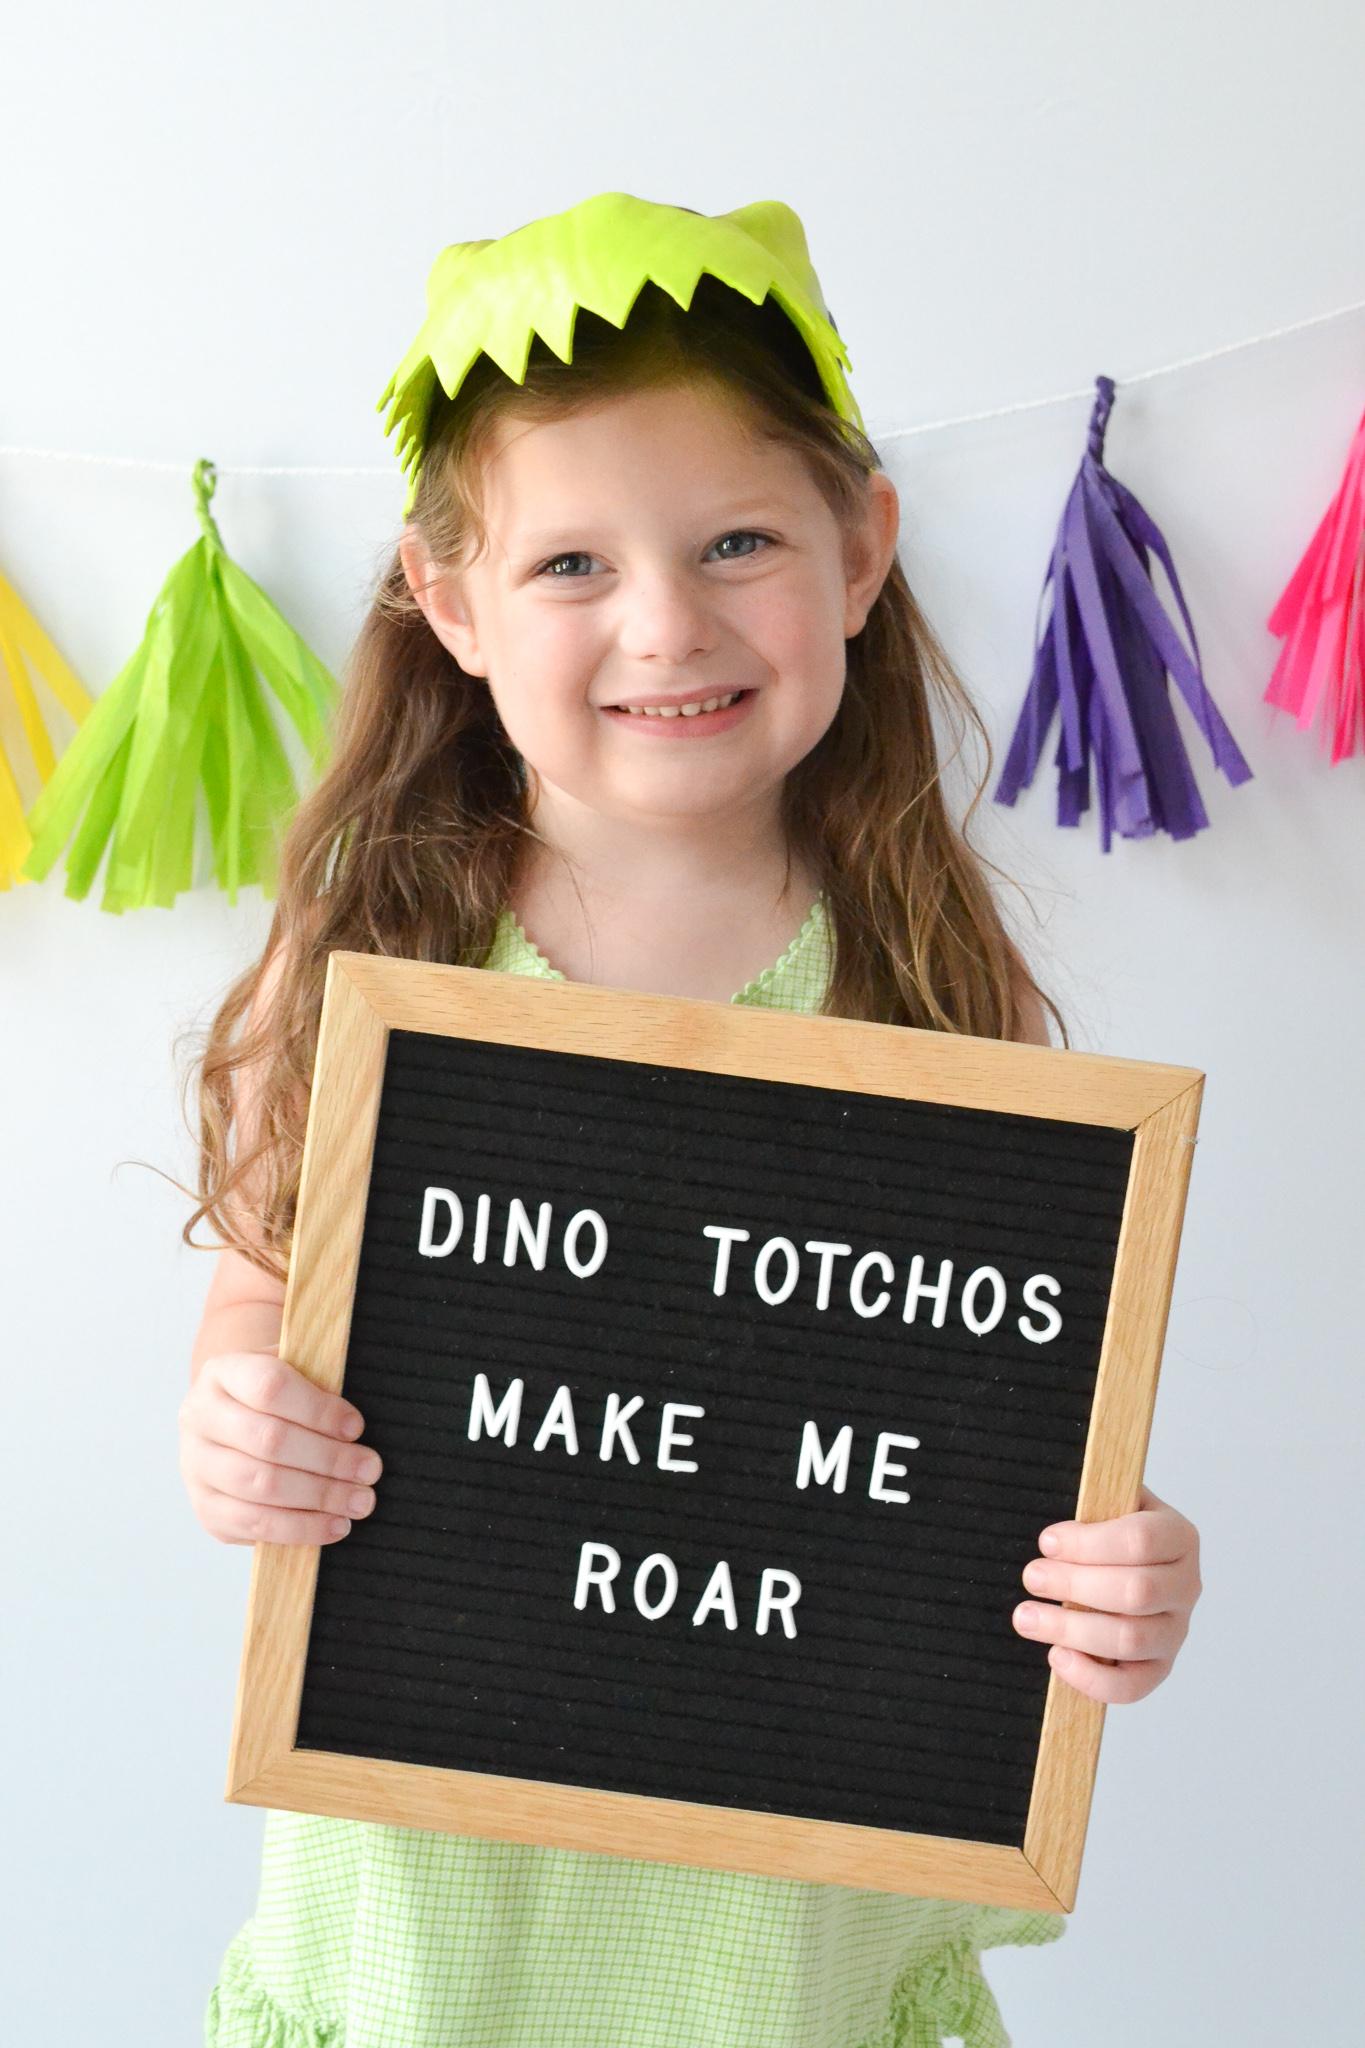 Dino Totchos